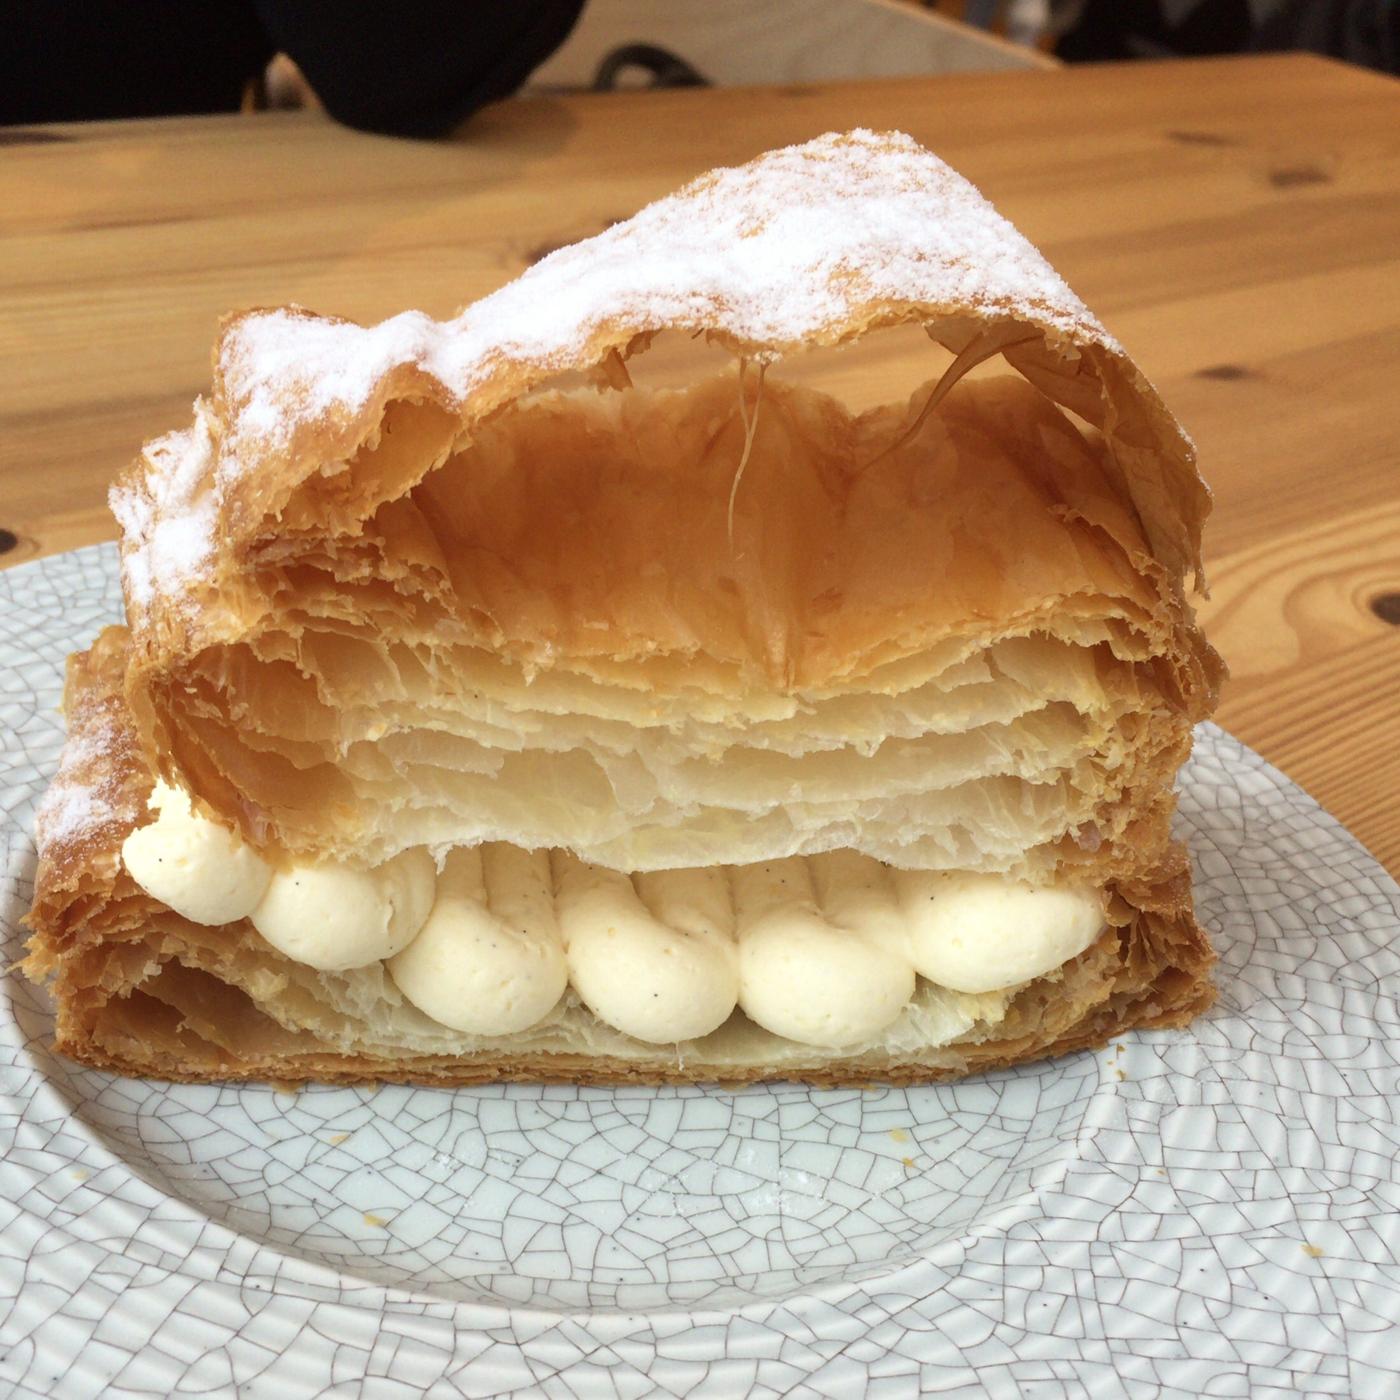 駅前エリアで、繊細なパイを味わいながらゆっくりした時間が過ごしたいなら。Moliere Cafe 降っても晴れても 【札幌駅前 カフェ】